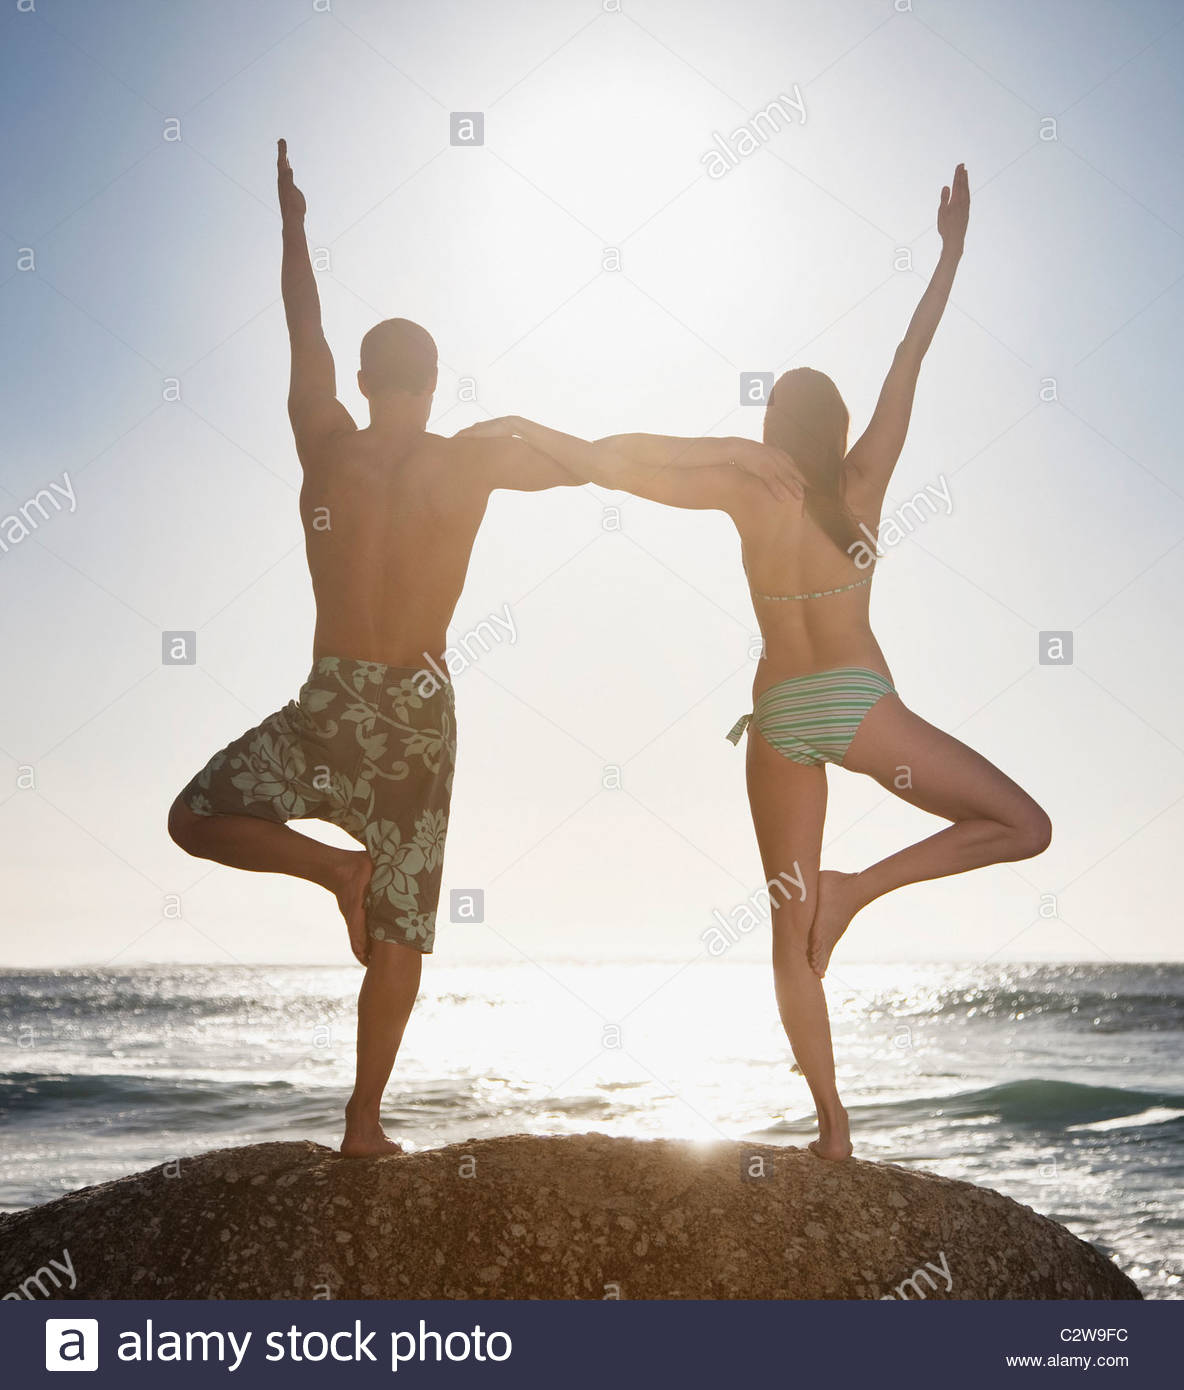 Par el equilibrio sobre un pie, junto a la playa Imagen De Stock